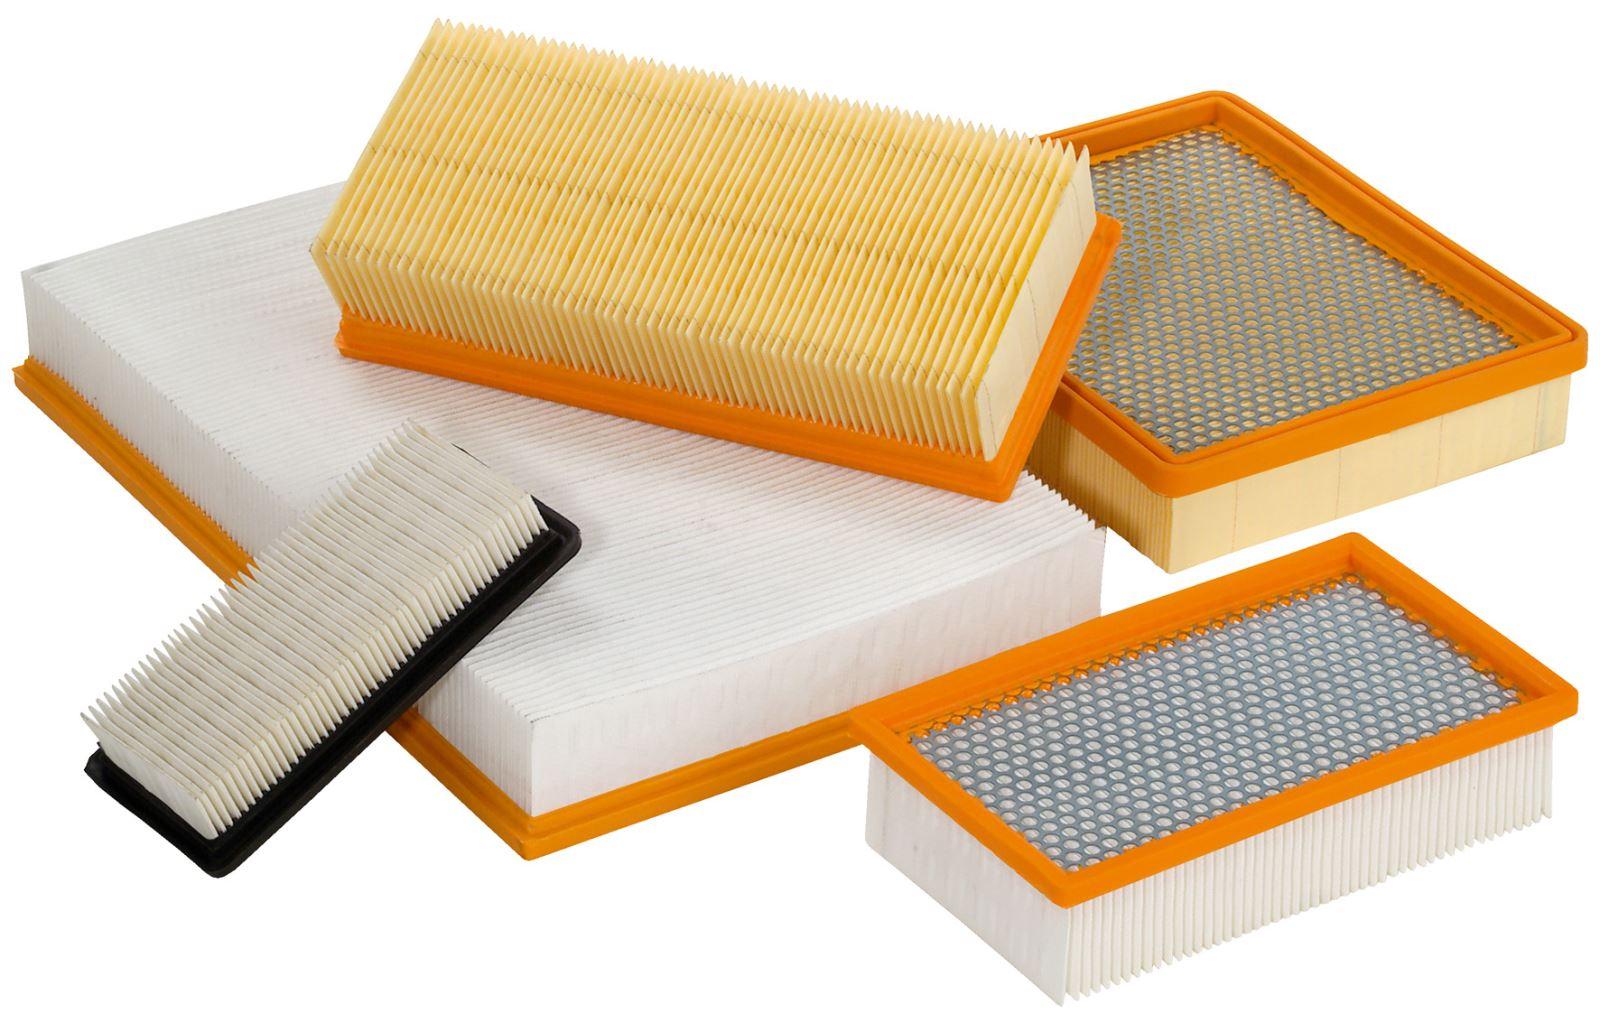 بسیاری از فیلتر های هوا از کاغذ یا اصطلاحا سلولز که با فیبرهای مصنوعی ترکیب شده اند ساخته می شوند.